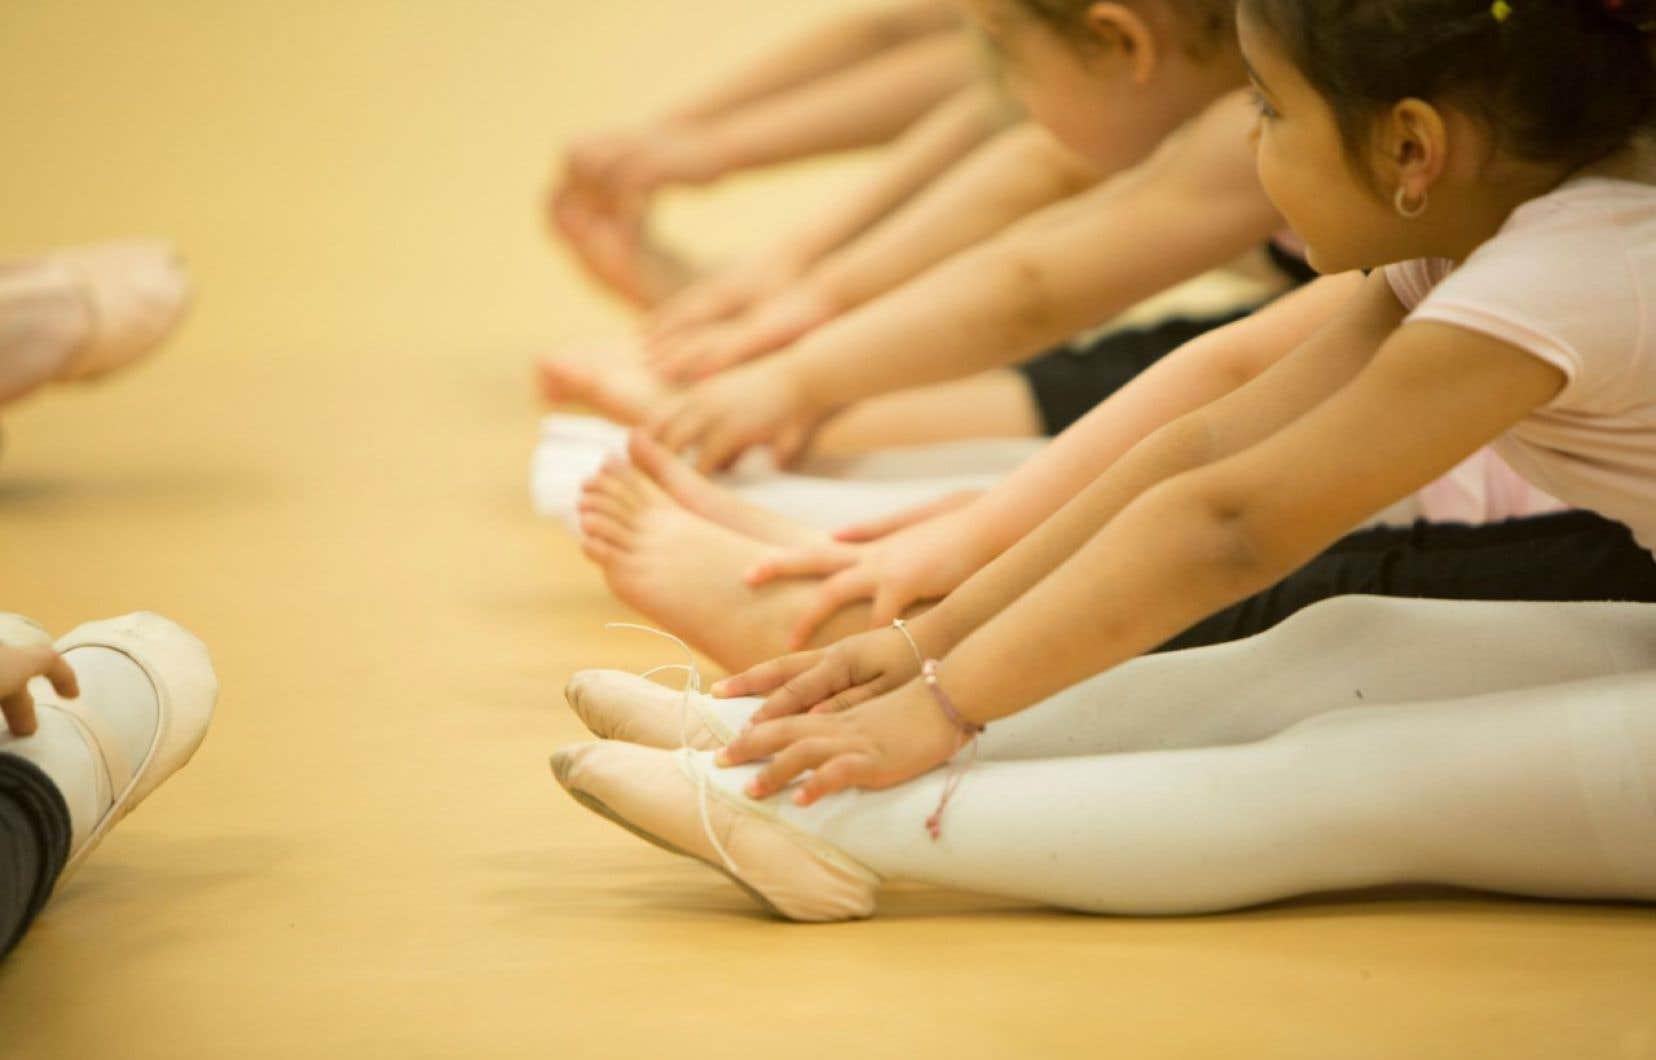 Pas moins de 382 des écoles de danse de loisir sont sises en zone rouge et sont temporairement fermées. Elles rassemblent normalement 130000 élèves.